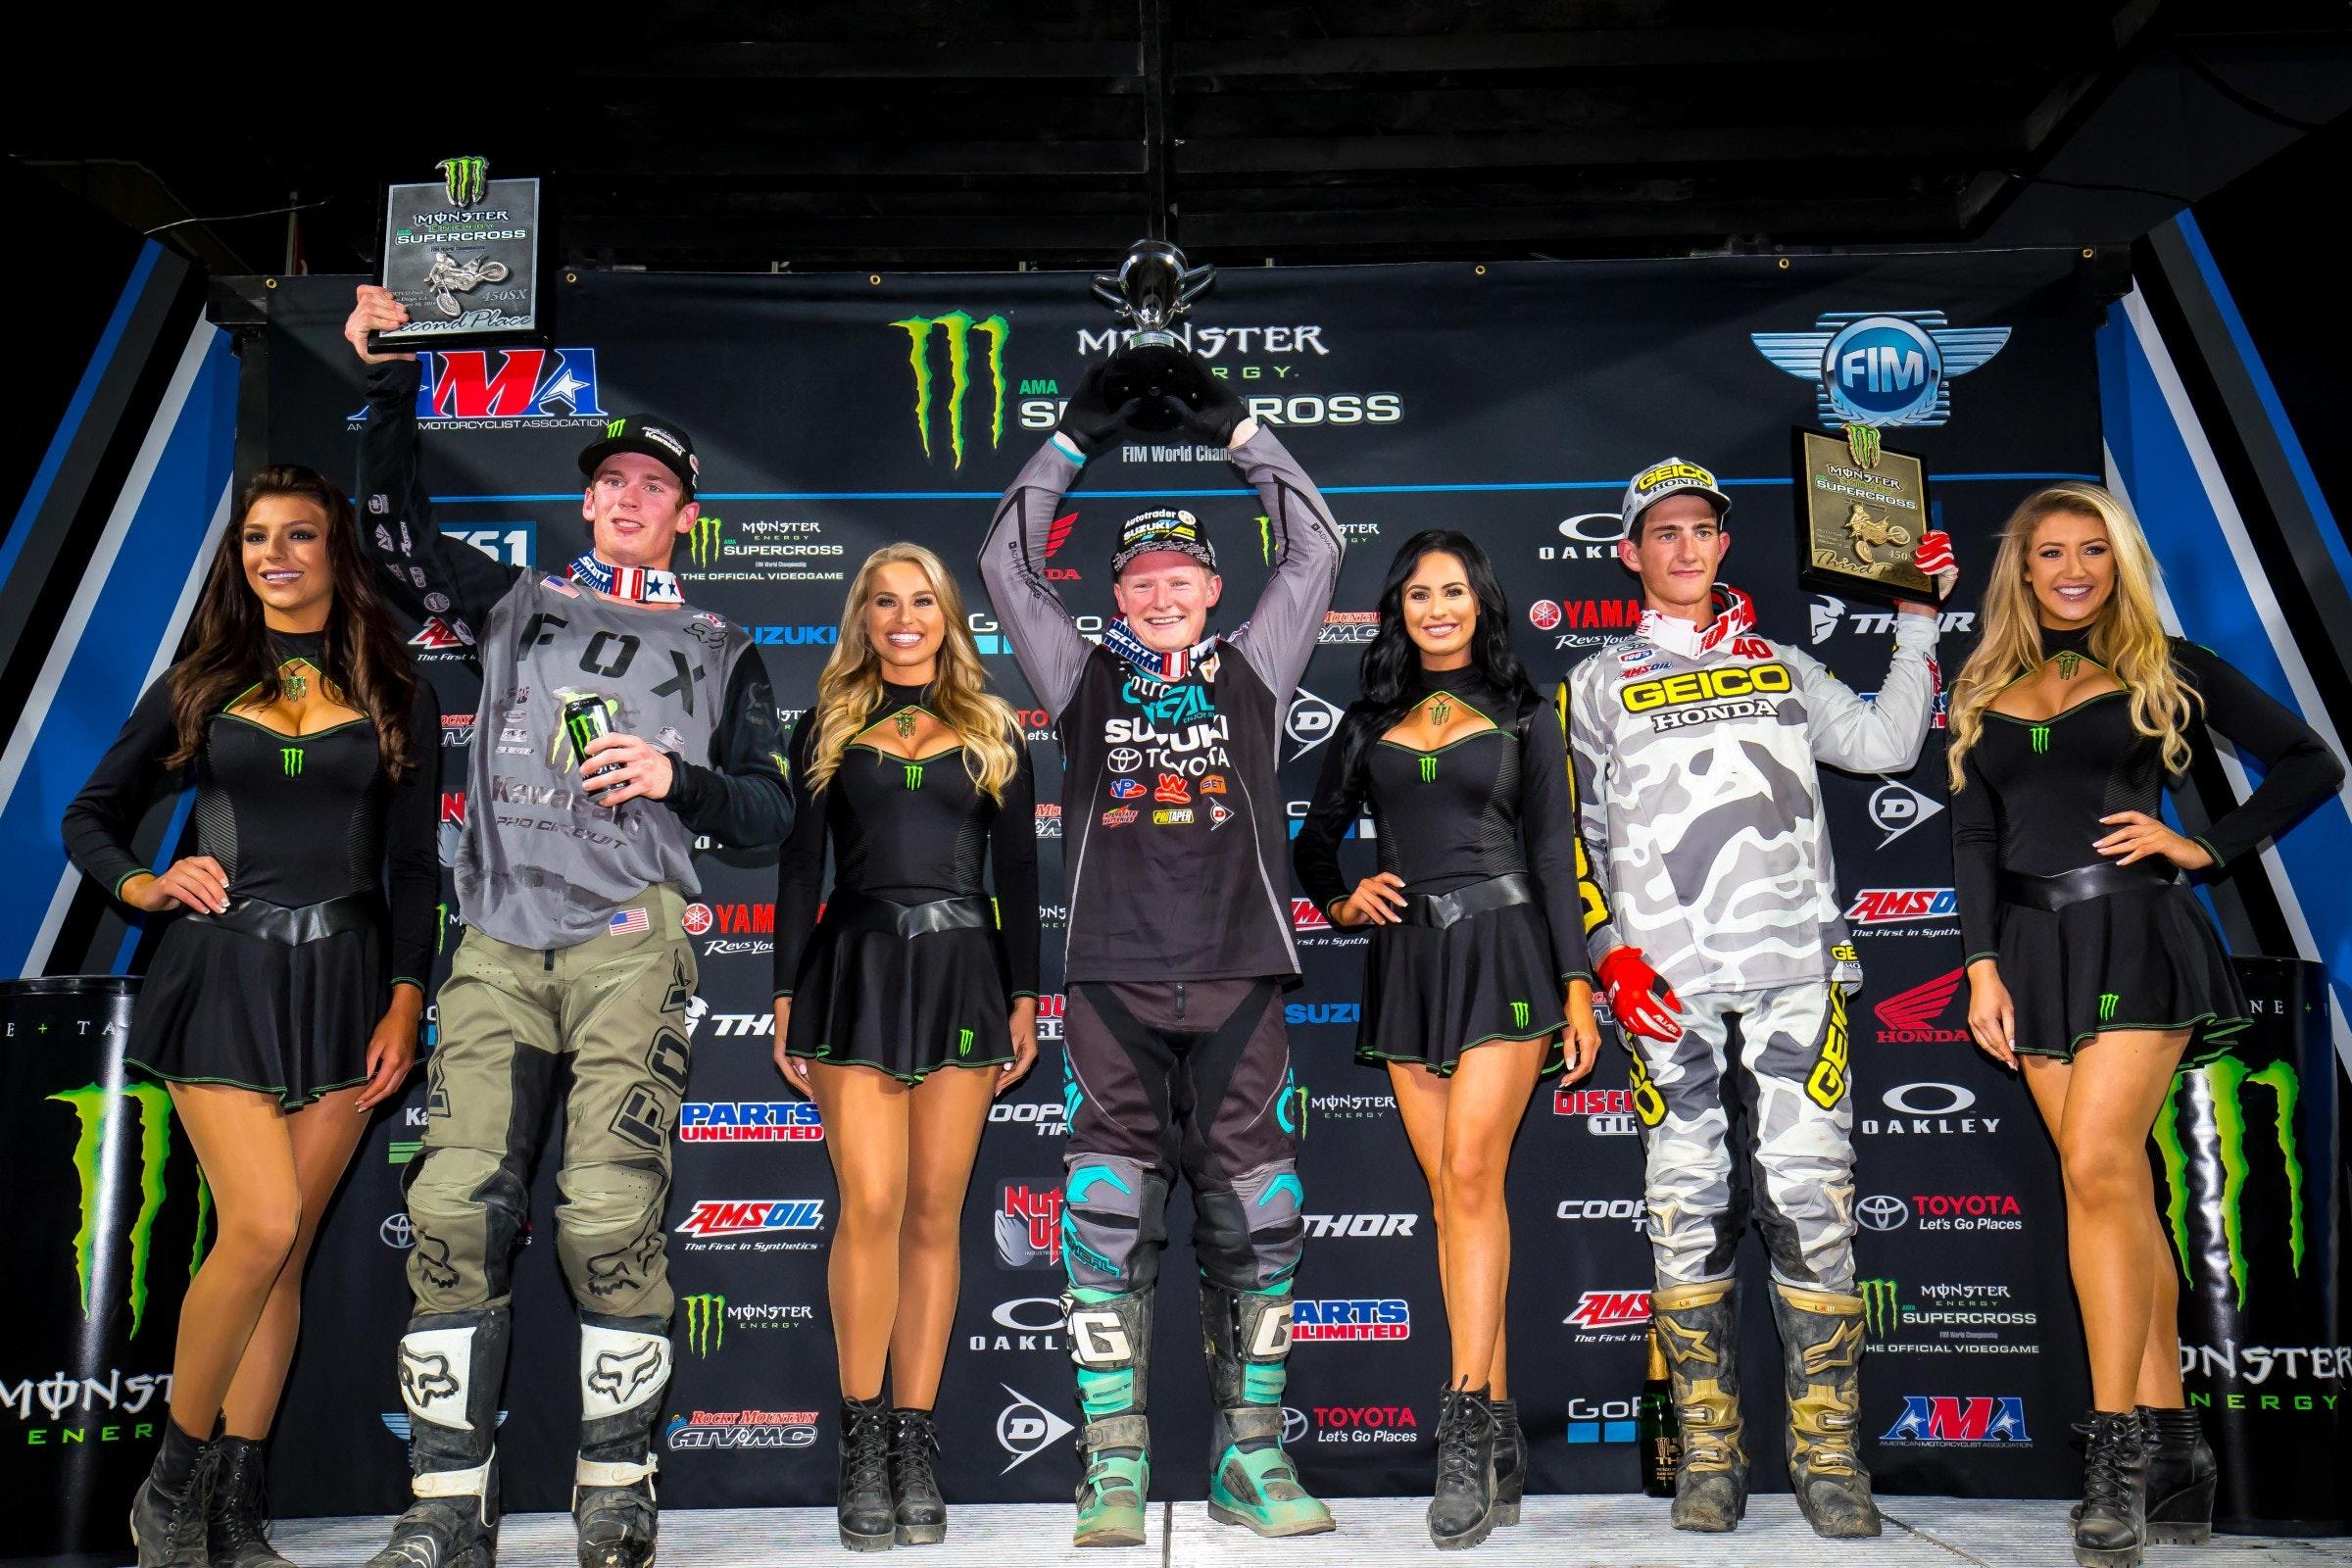 Adam Cianciarulo liderou um monte de voltas, Hill ganhou sua primeira vitória da temporada, e o novato Chase Sexton ganhou seu segundo pódio de carreira supercross.